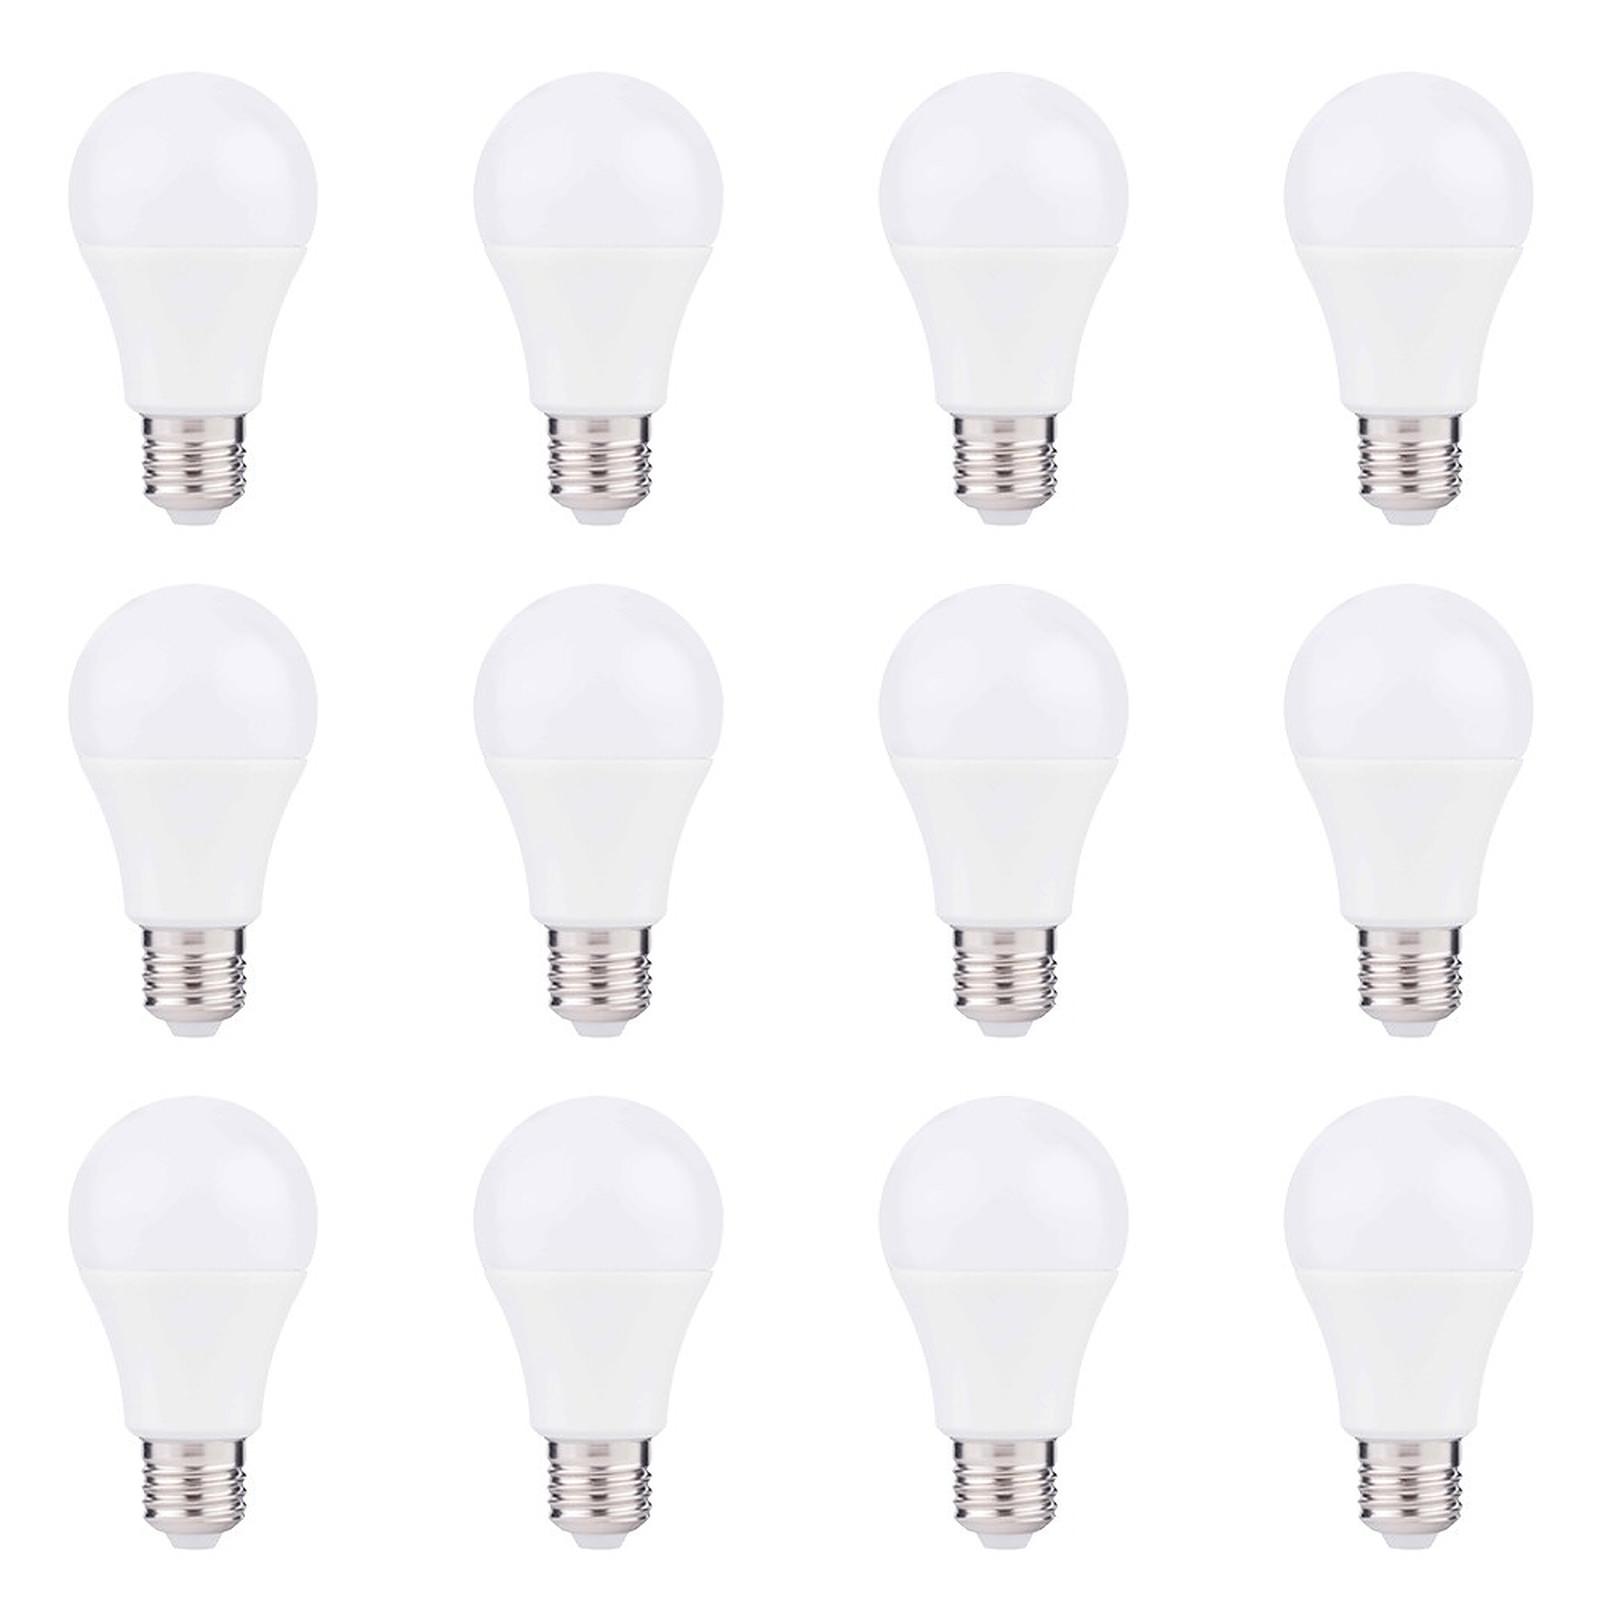 FamilyLed Lot De 12 Ampoules Led 15w Blanc Naturel FAM_LOT12_A70154A